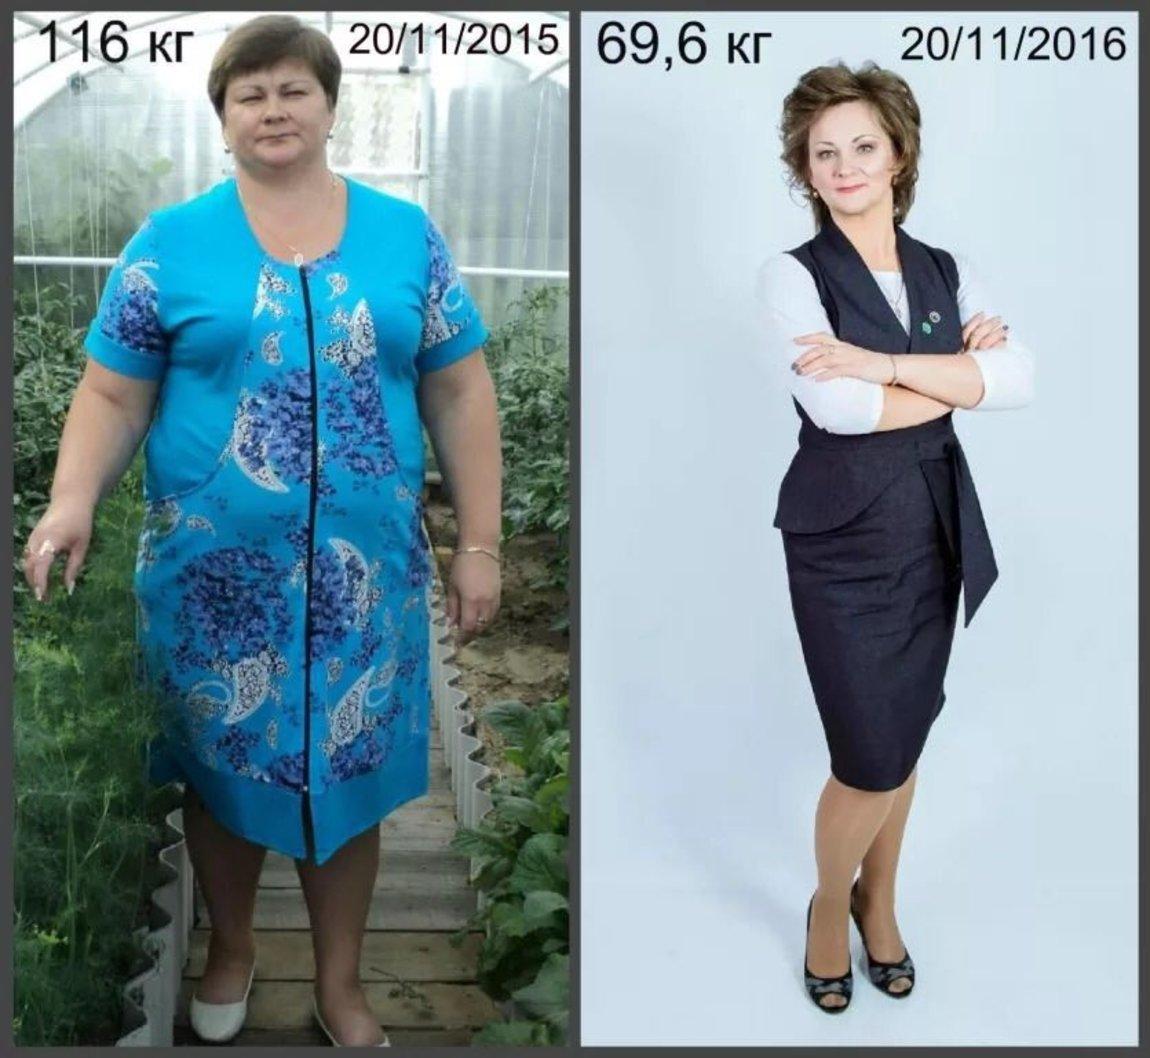 Проекты О Похудении 2016.